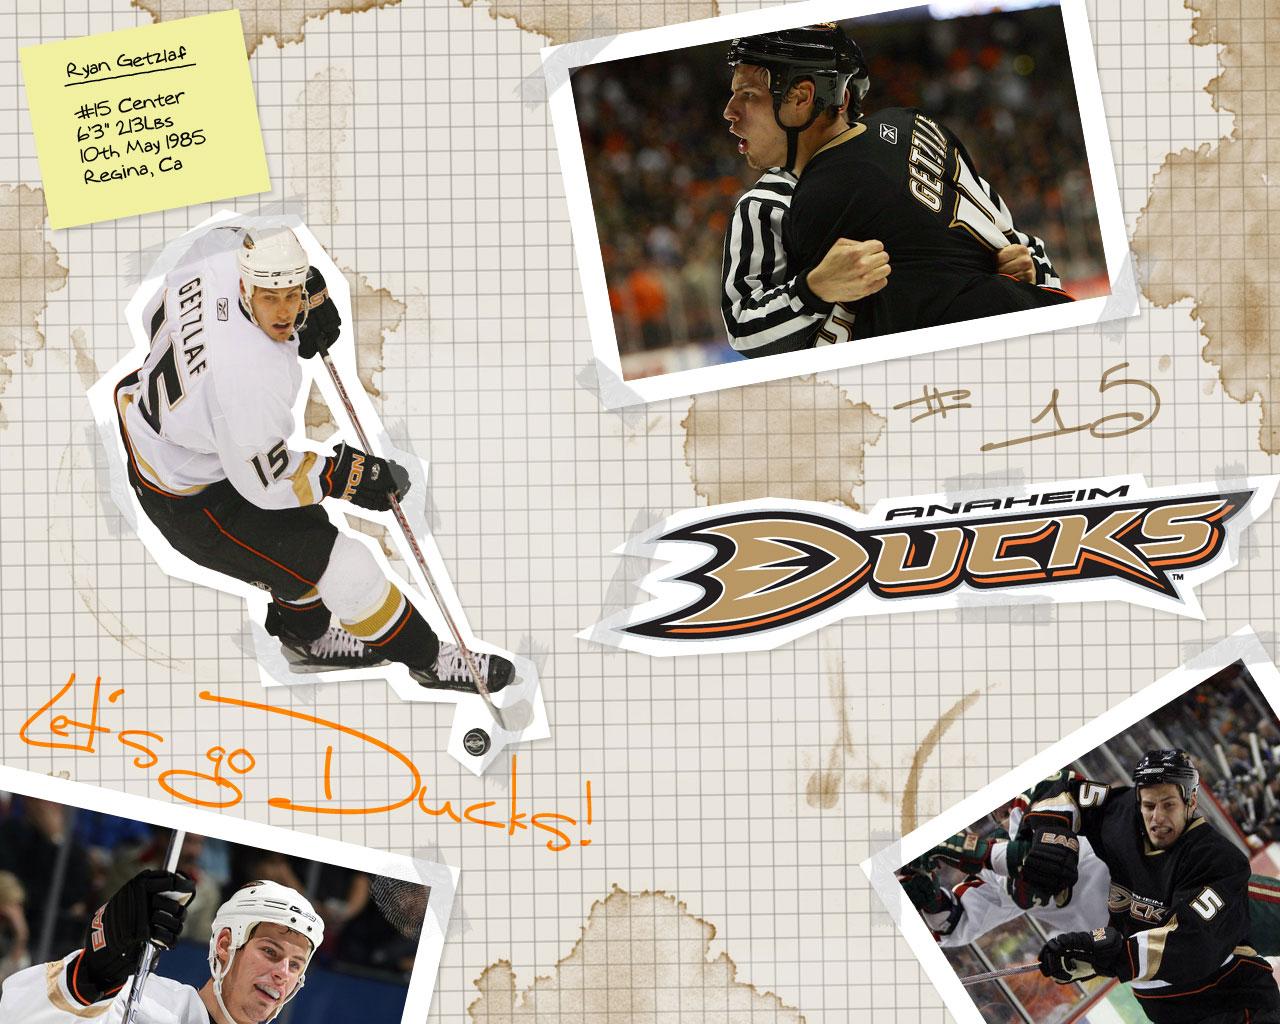 Ducks Hockey Wallpaper 1280x1024